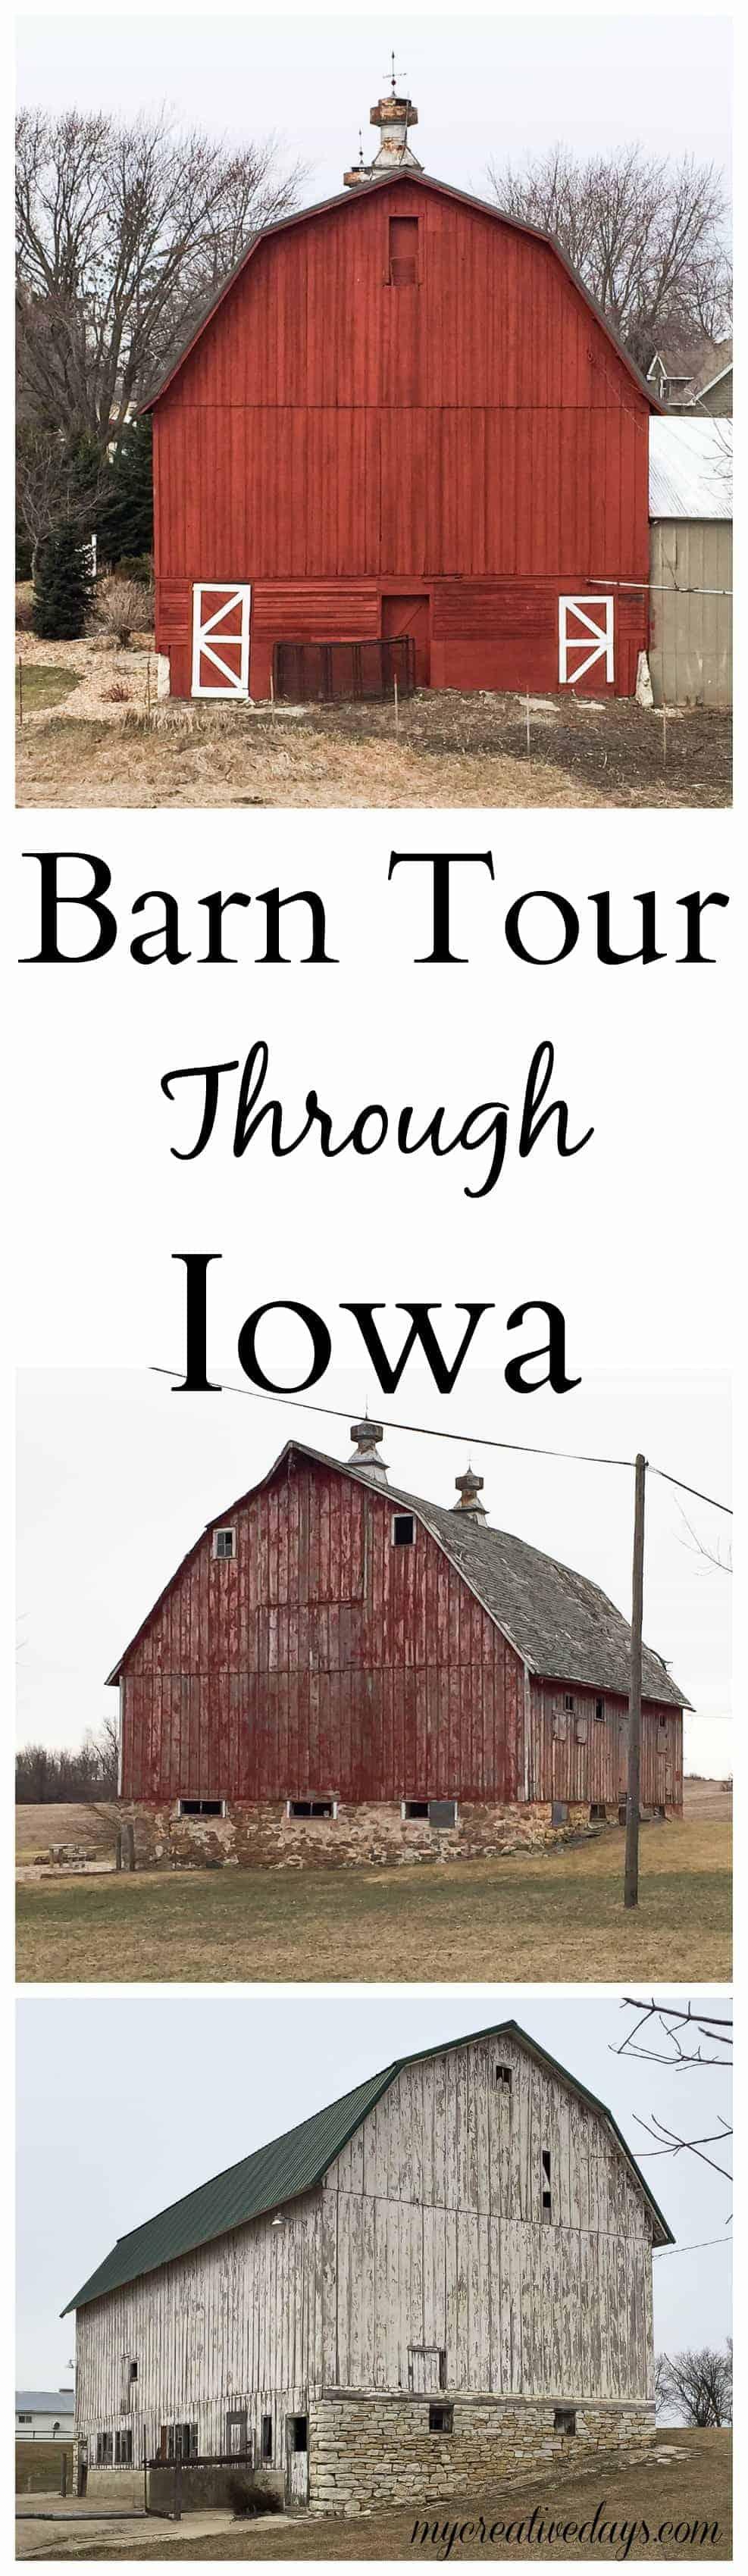 Barn Tour Through Iowa